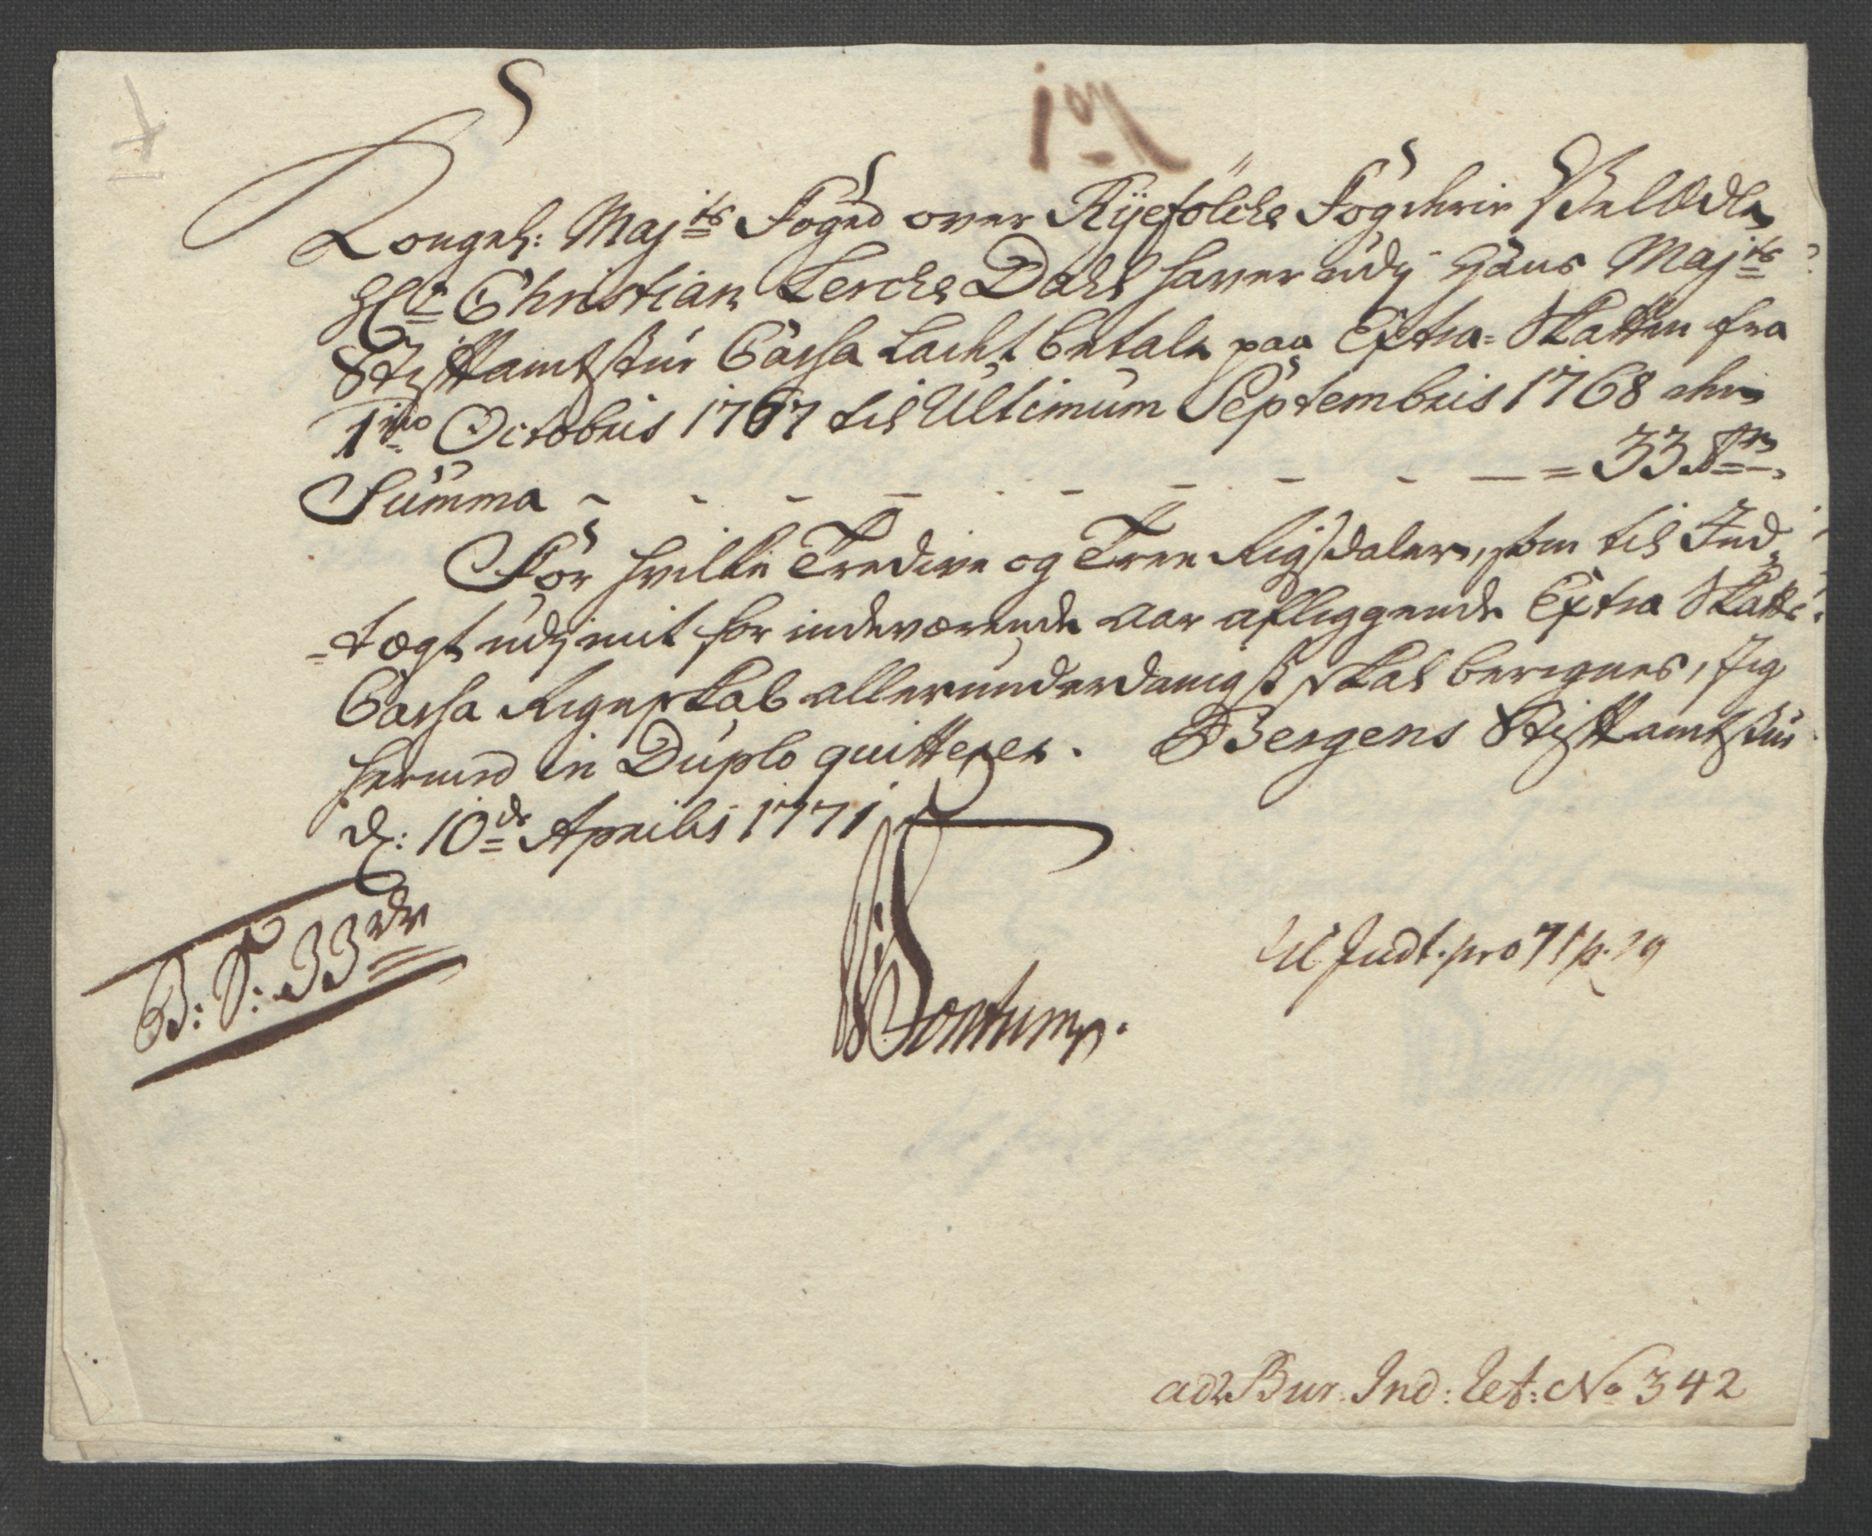 RA, Rentekammeret inntil 1814, Reviderte regnskaper, Fogderegnskap, R47/L2972: Ekstraskatten Ryfylke, 1762-1780, s. 215